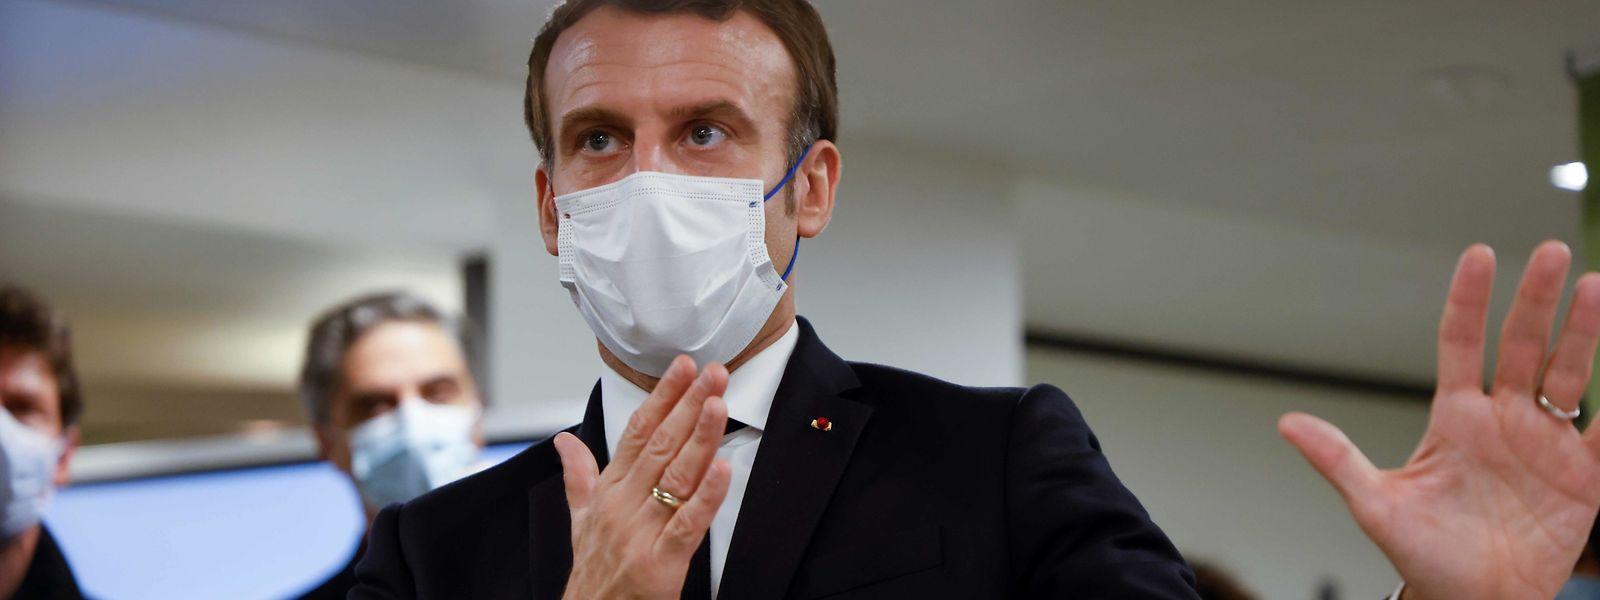 Le président Macron a annoncé plus de souplesse, pile au moment où la France franchit le cap des 50.000 décès liés au covid.